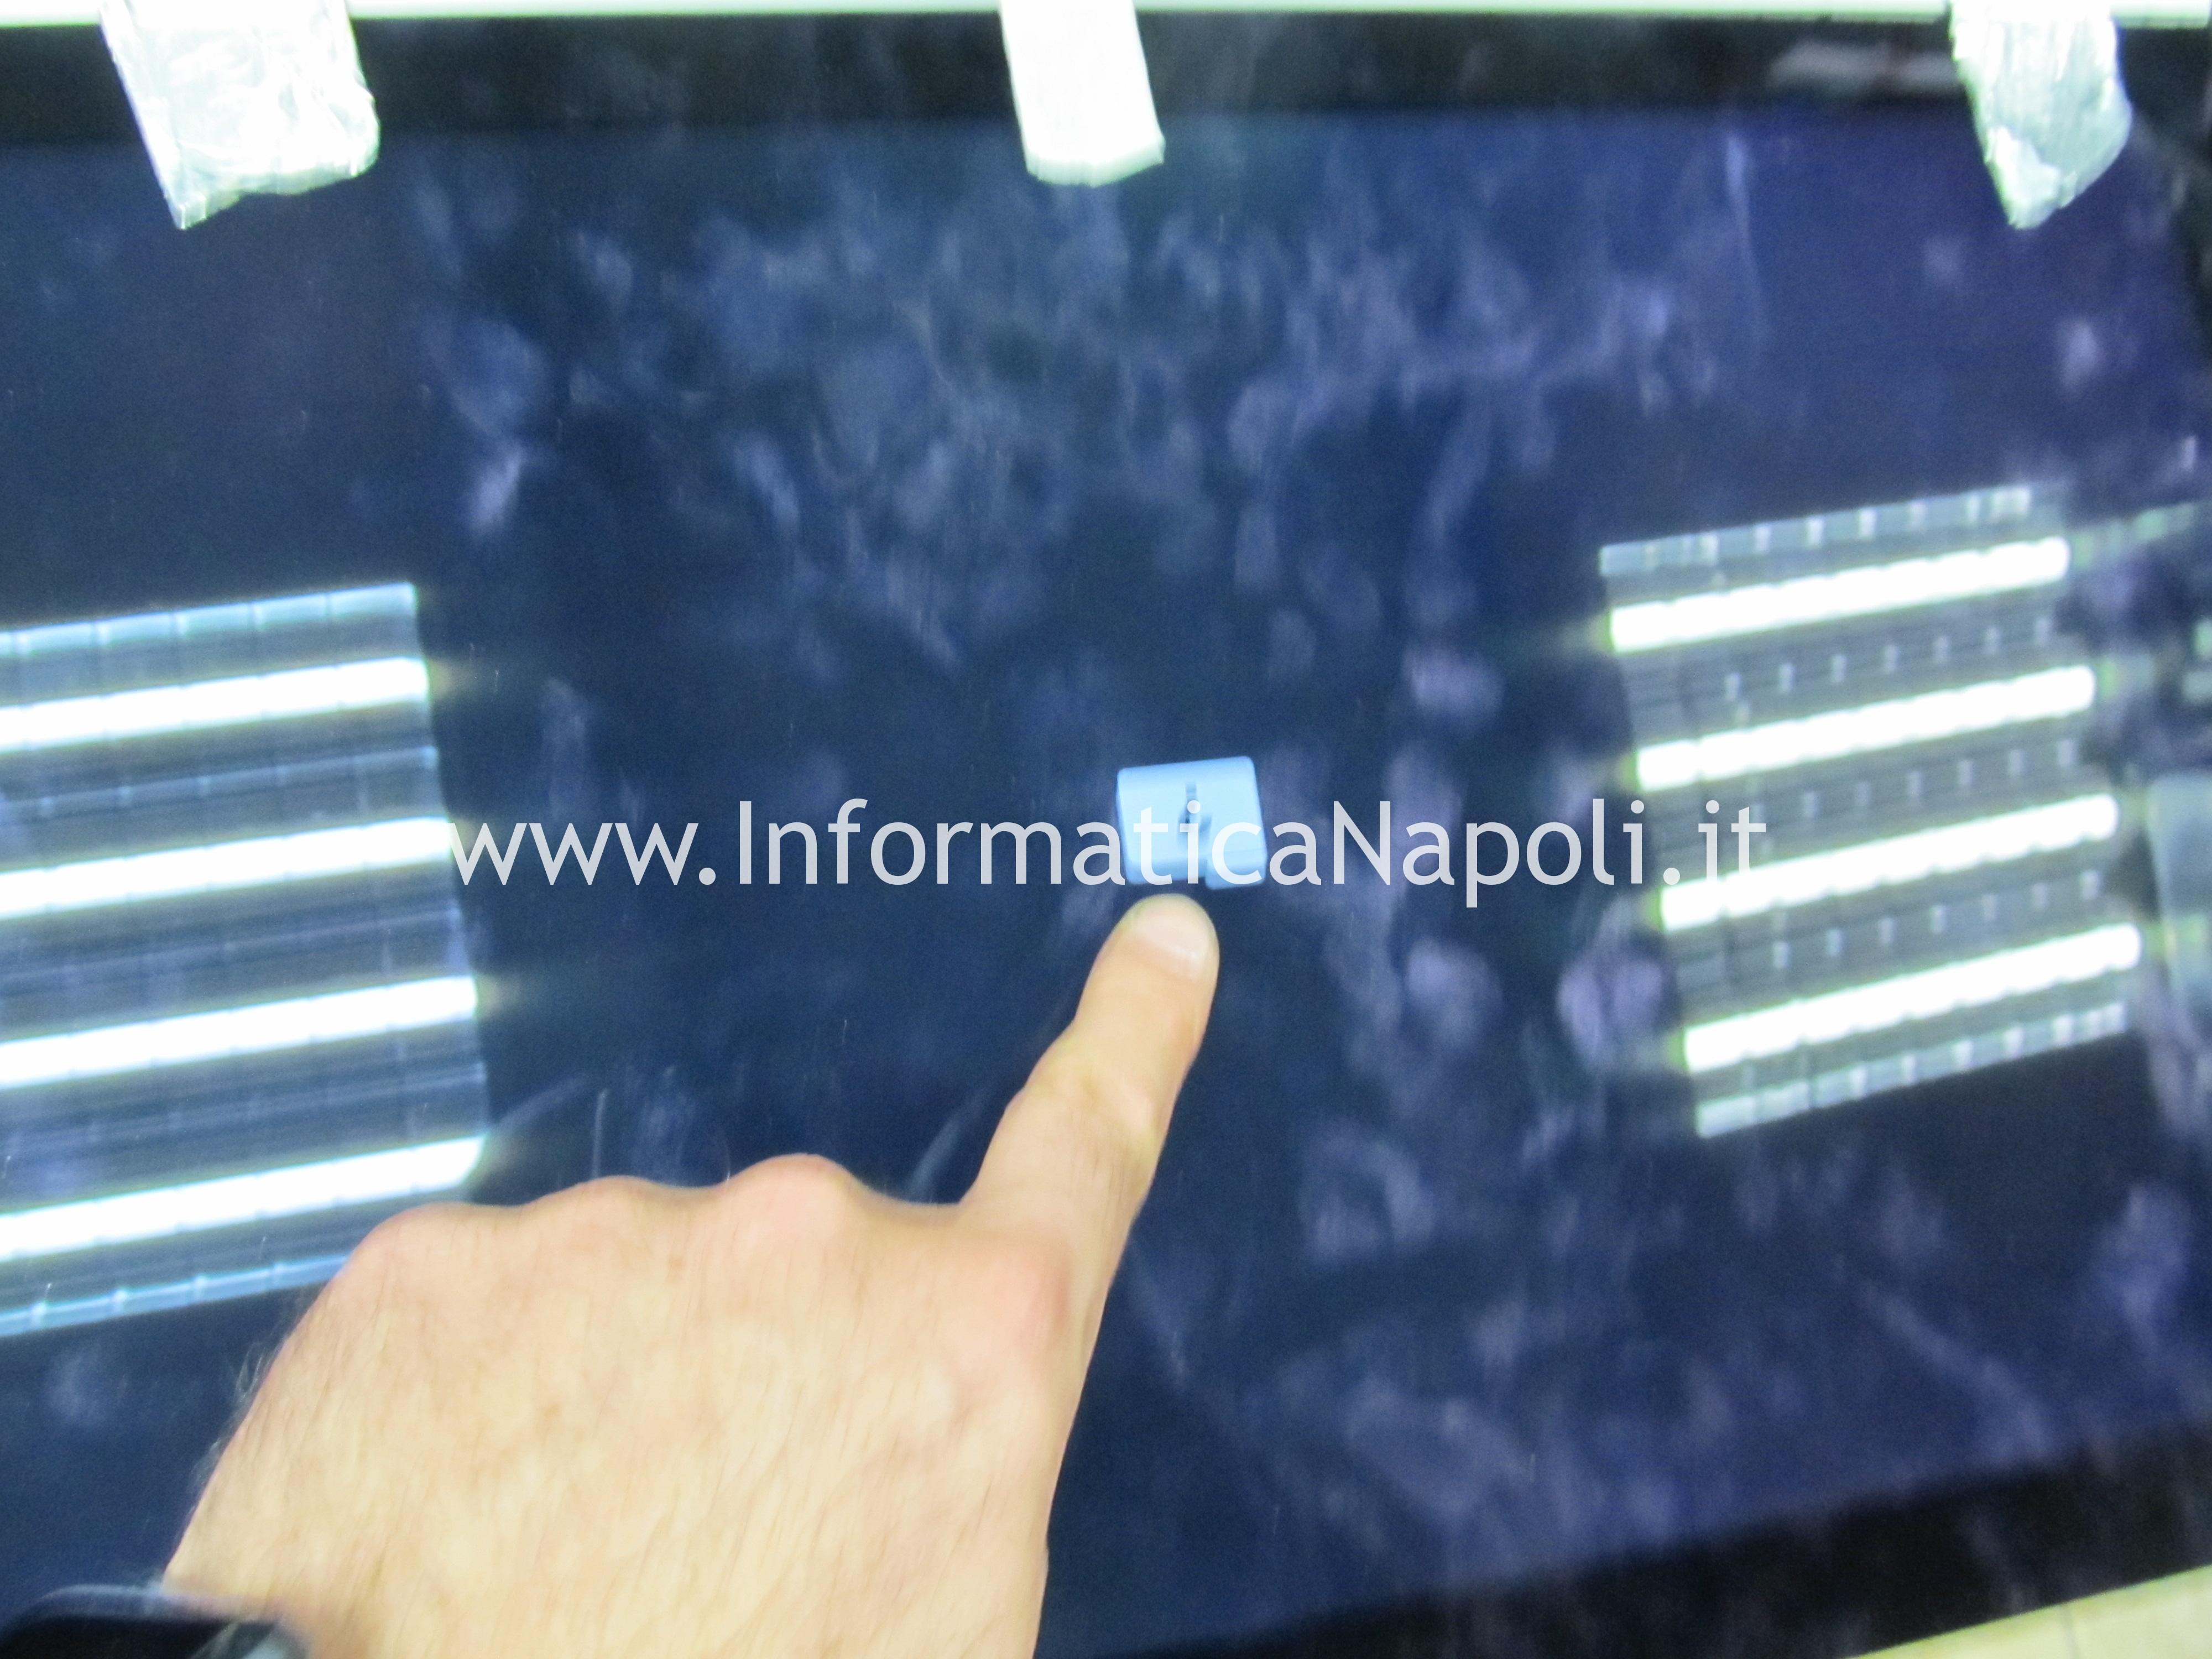 connettore display LVDS iMac 21.5 27 A1418 A1419 A2116 A2115 2012 2013 2014 2015 2016 2017 2018 2019 riparato funzionante